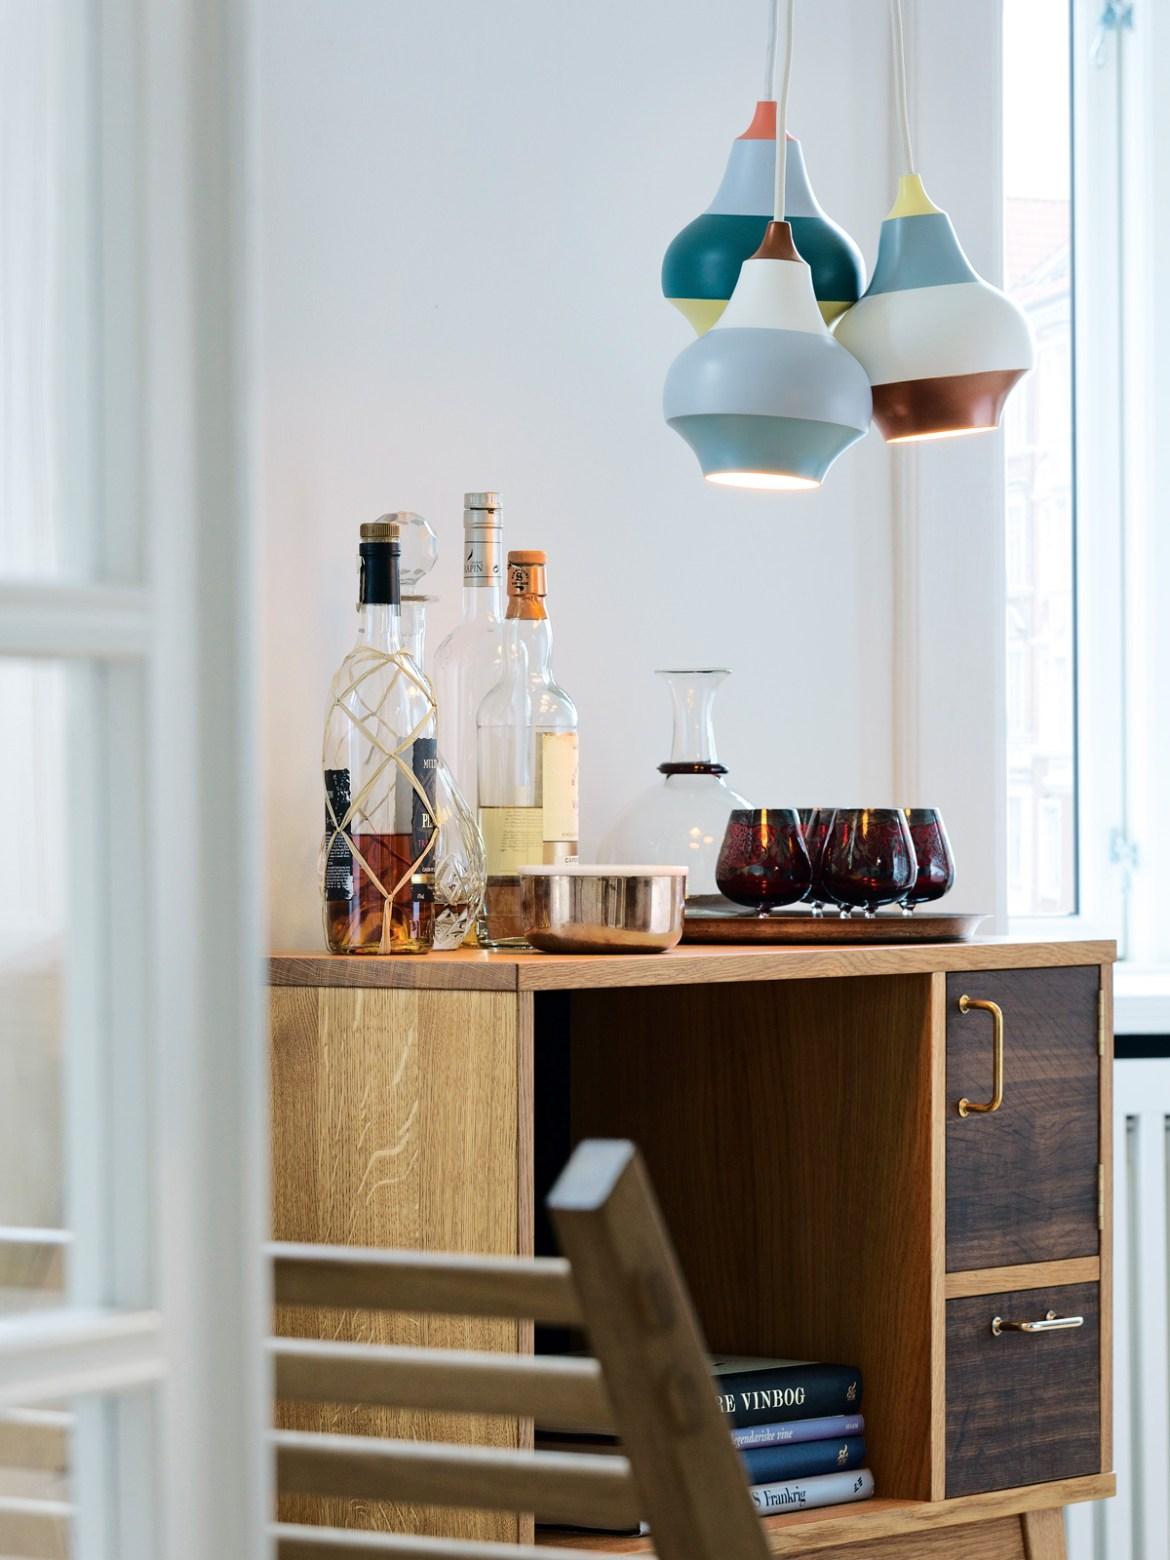 DesignOrt Blog: Louis Poulsen Pendelleuchten für Küche und Esszimmer Cirque